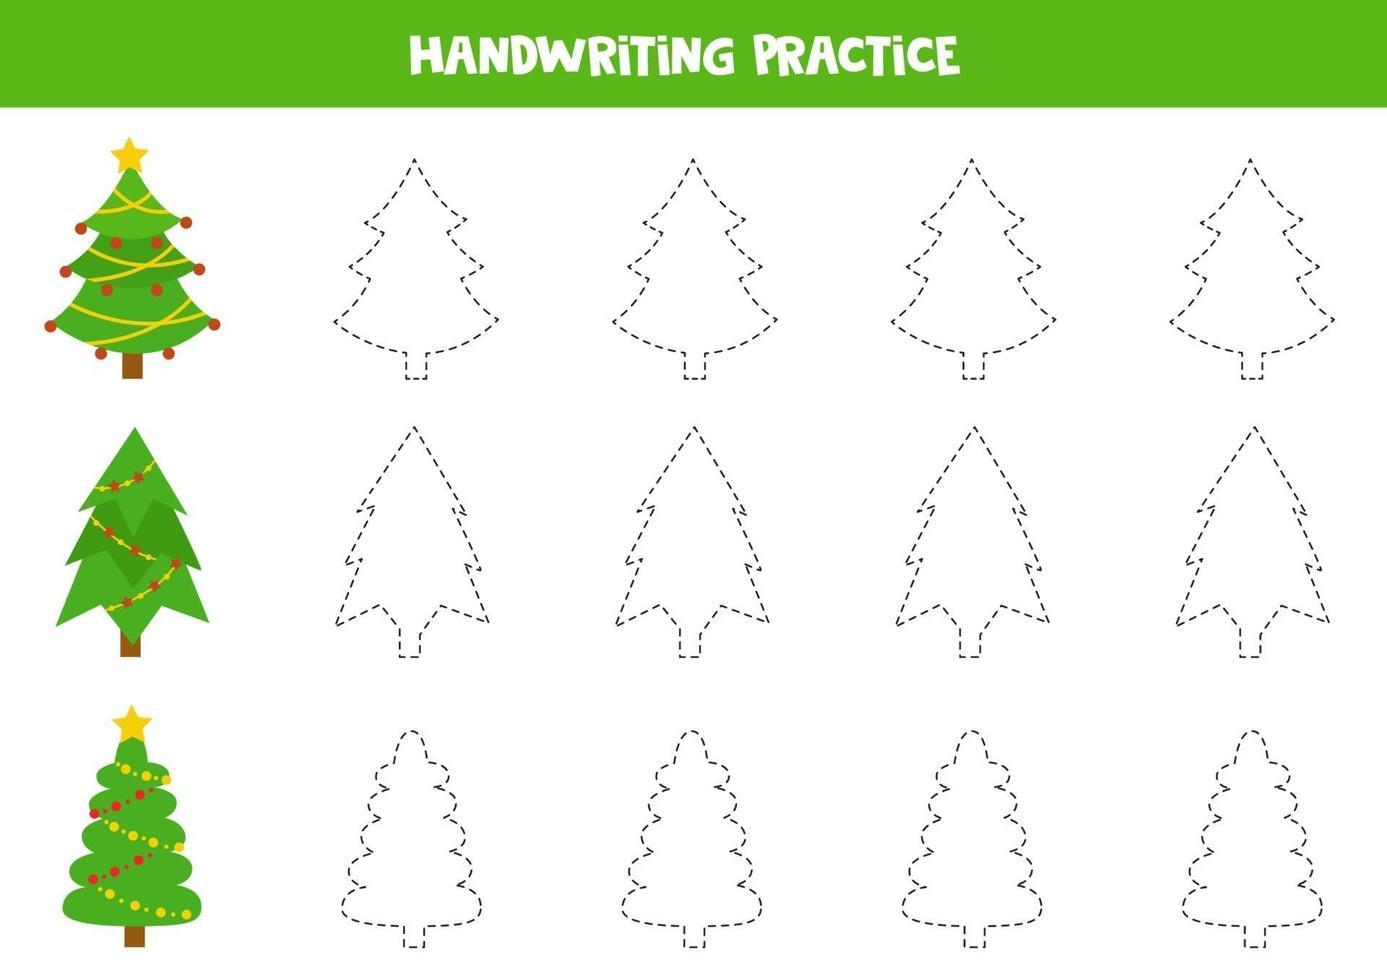 pratica di abilità di scrittura. tracciare linee con abeti di Natale. vettore